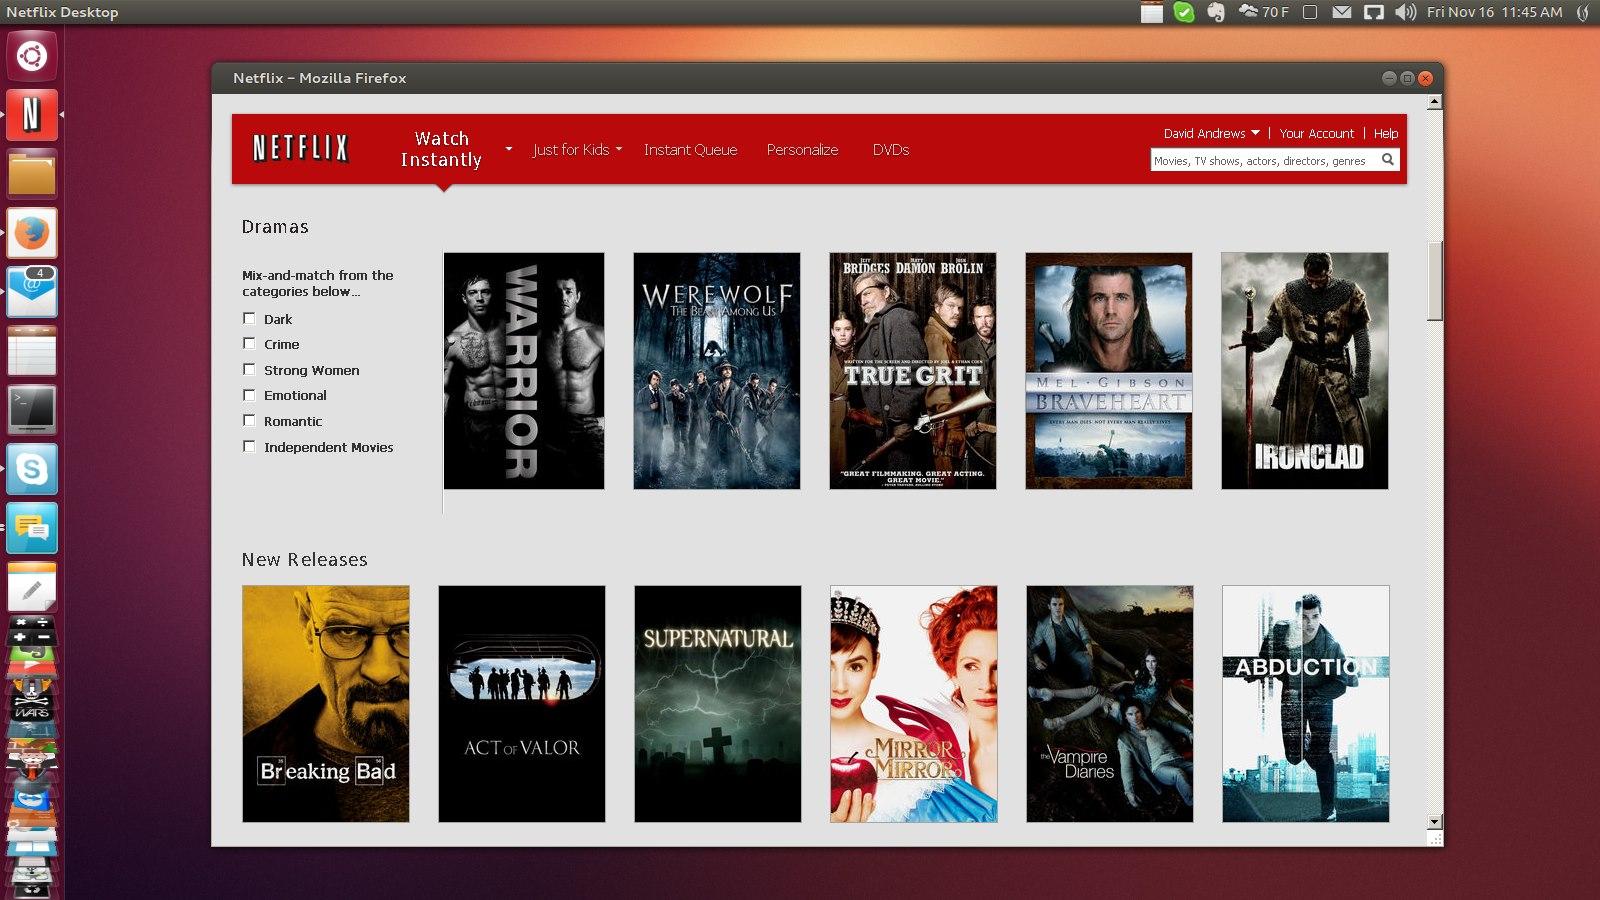 Ubuntu Linux - Firefox - Netflix